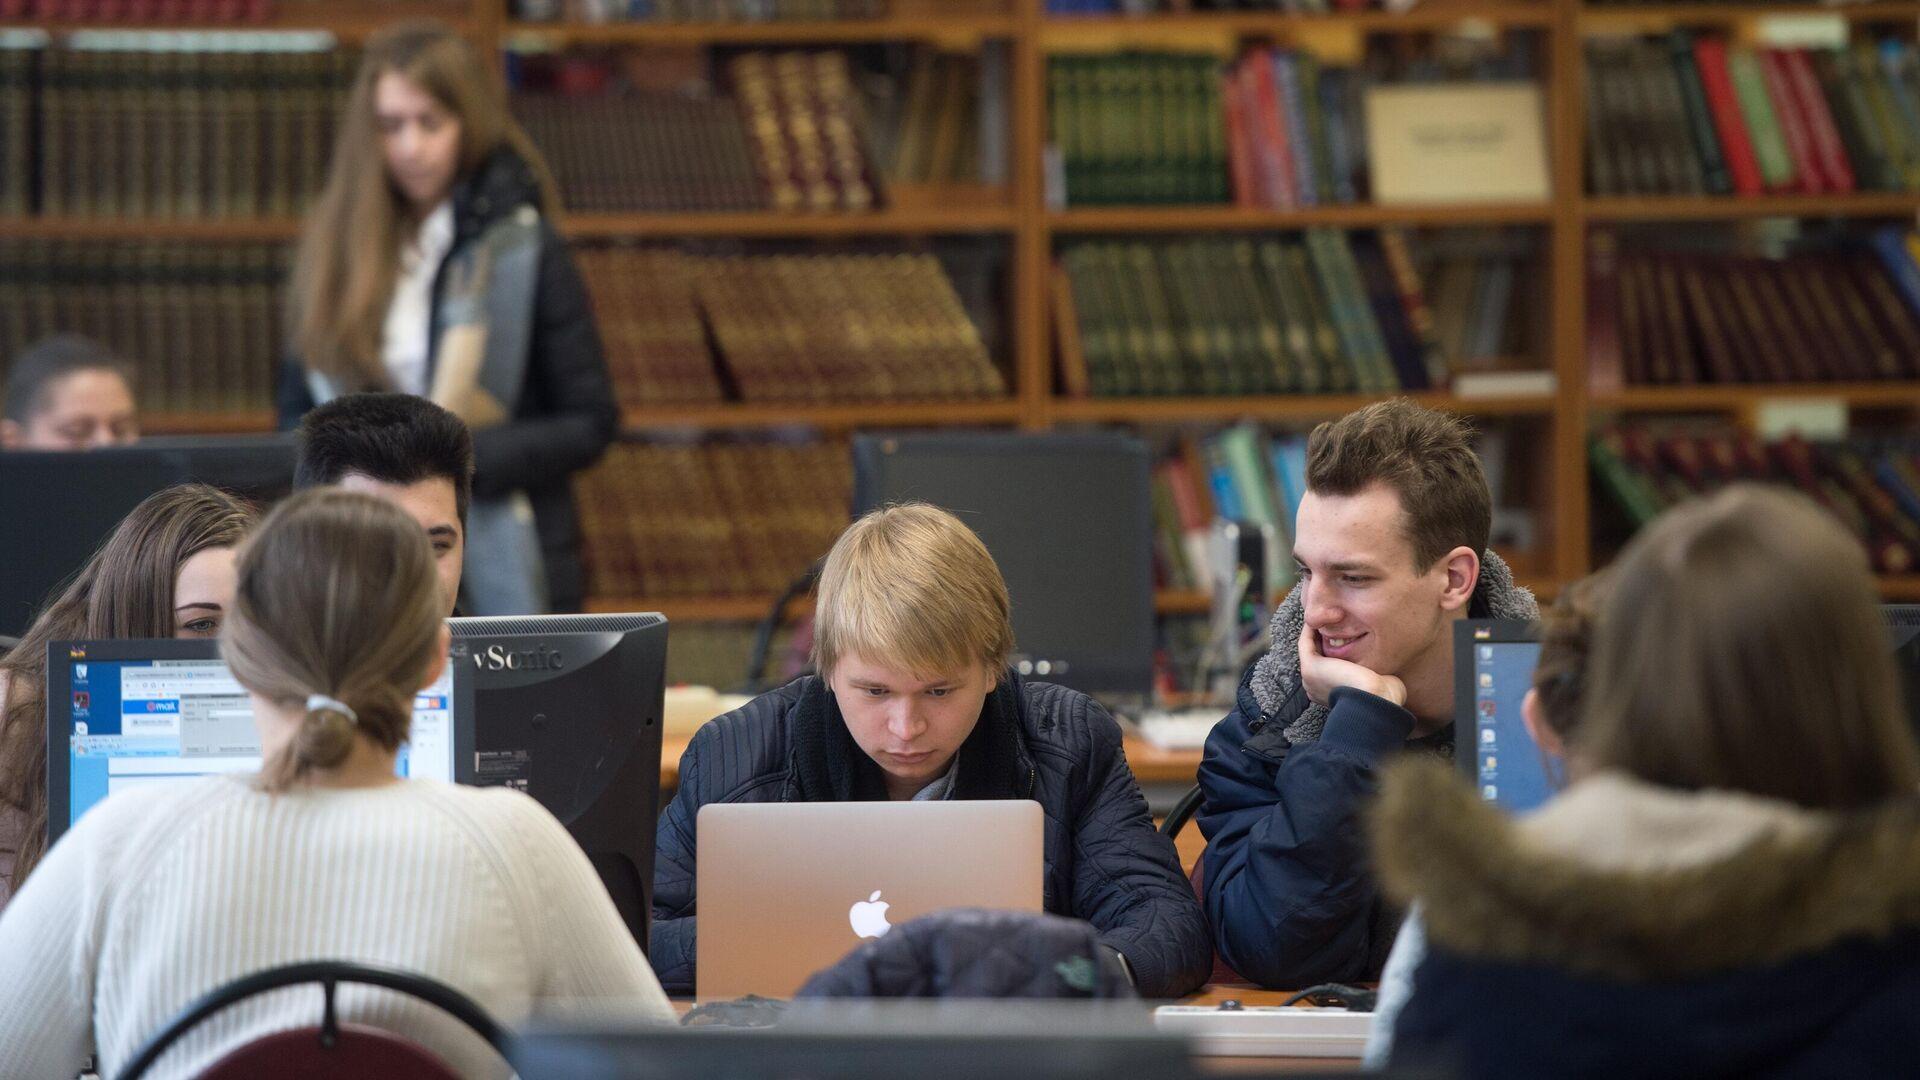 Студенты в библиотеке национального исследовательского ядерного университета МИФИ в Москве - РИА Новости, 1920, 19.07.2021